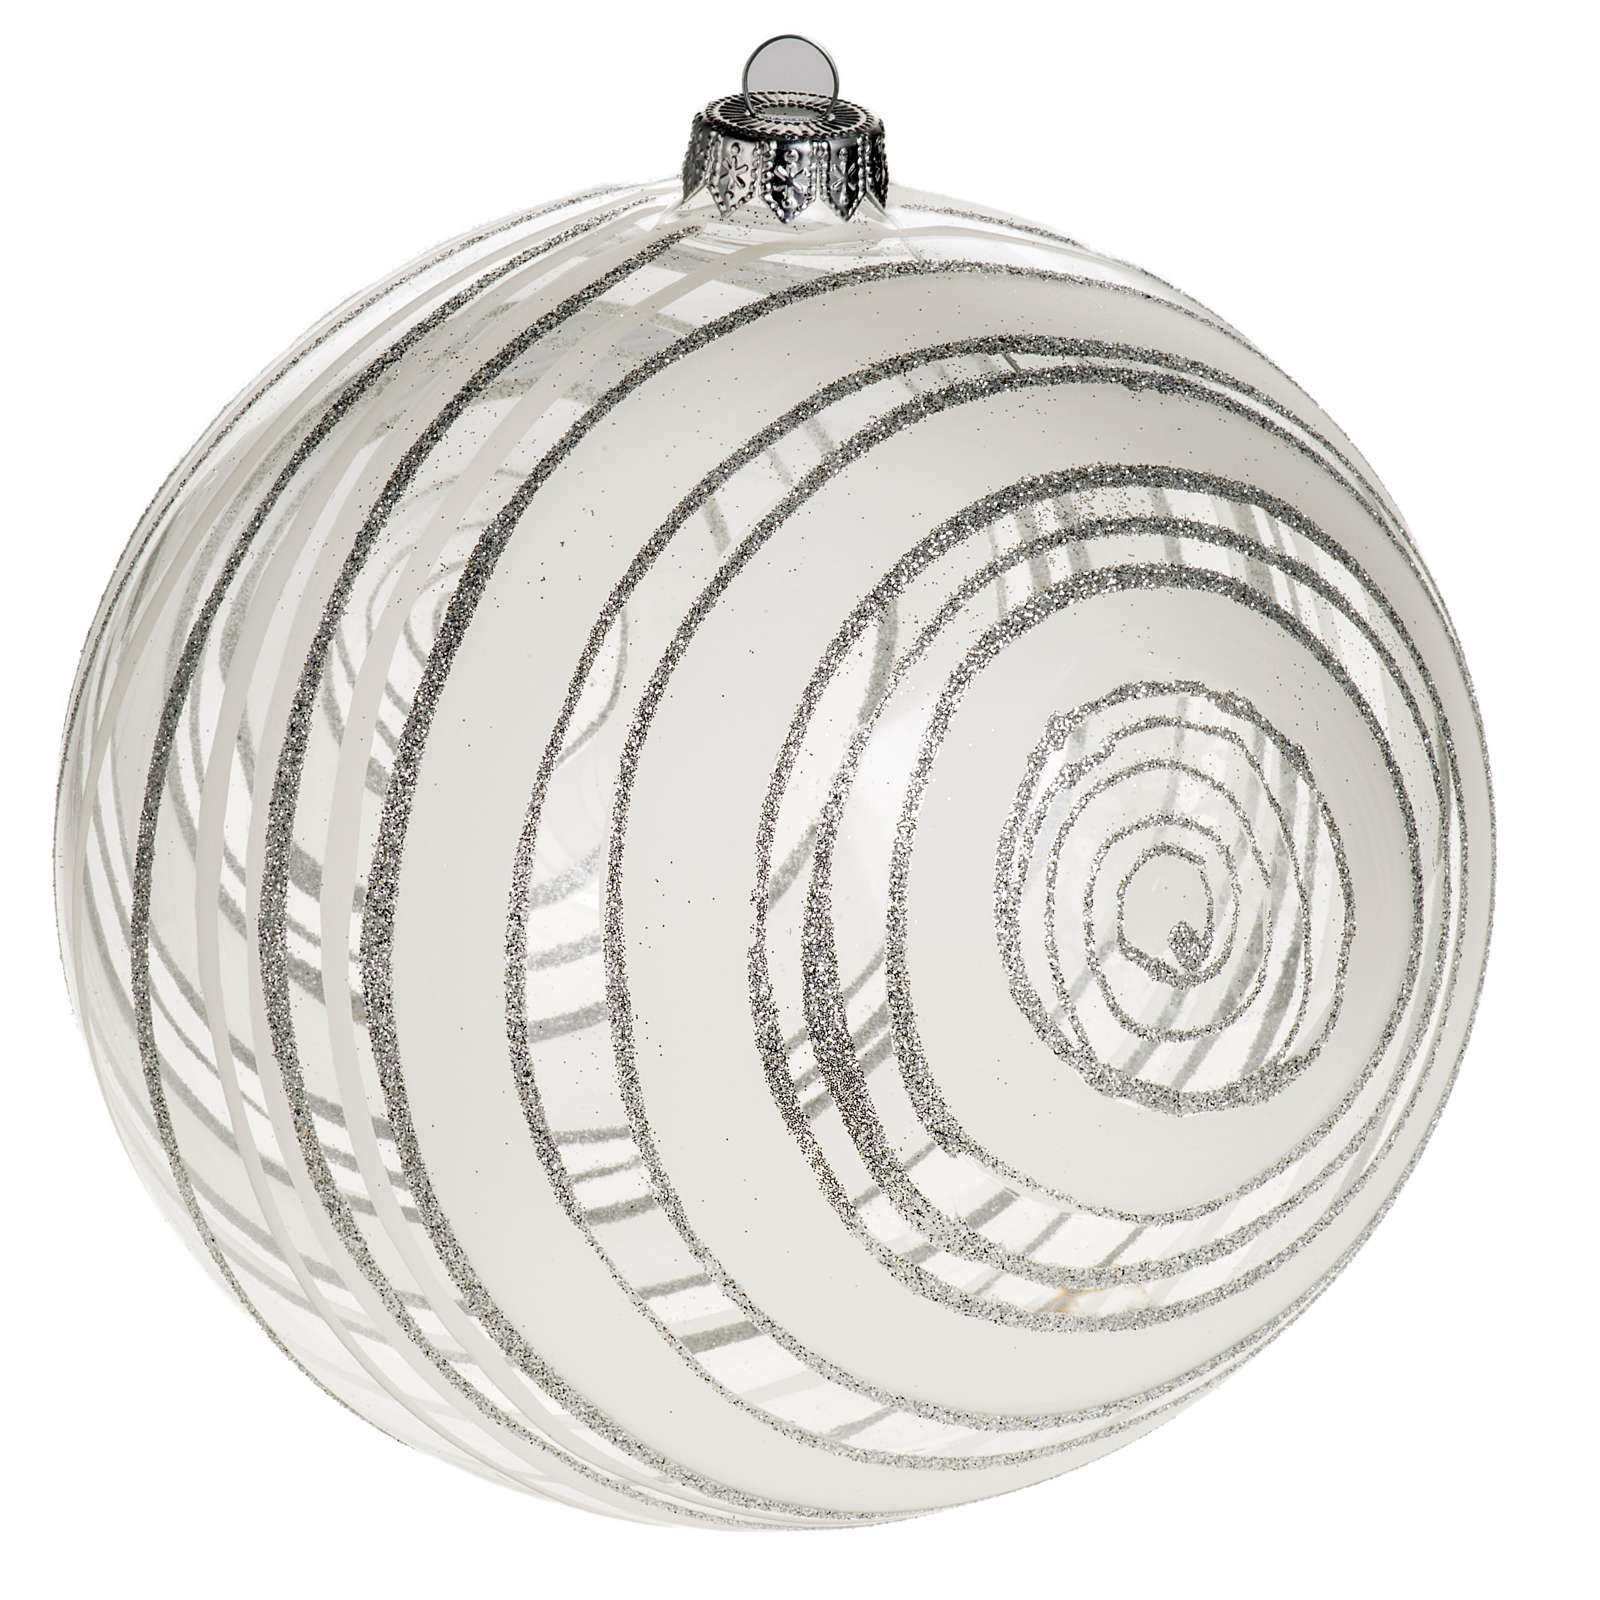 boule de noel verre rayons blancs et glitter 15 cm vente en ligne sur holyart. Black Bedroom Furniture Sets. Home Design Ideas